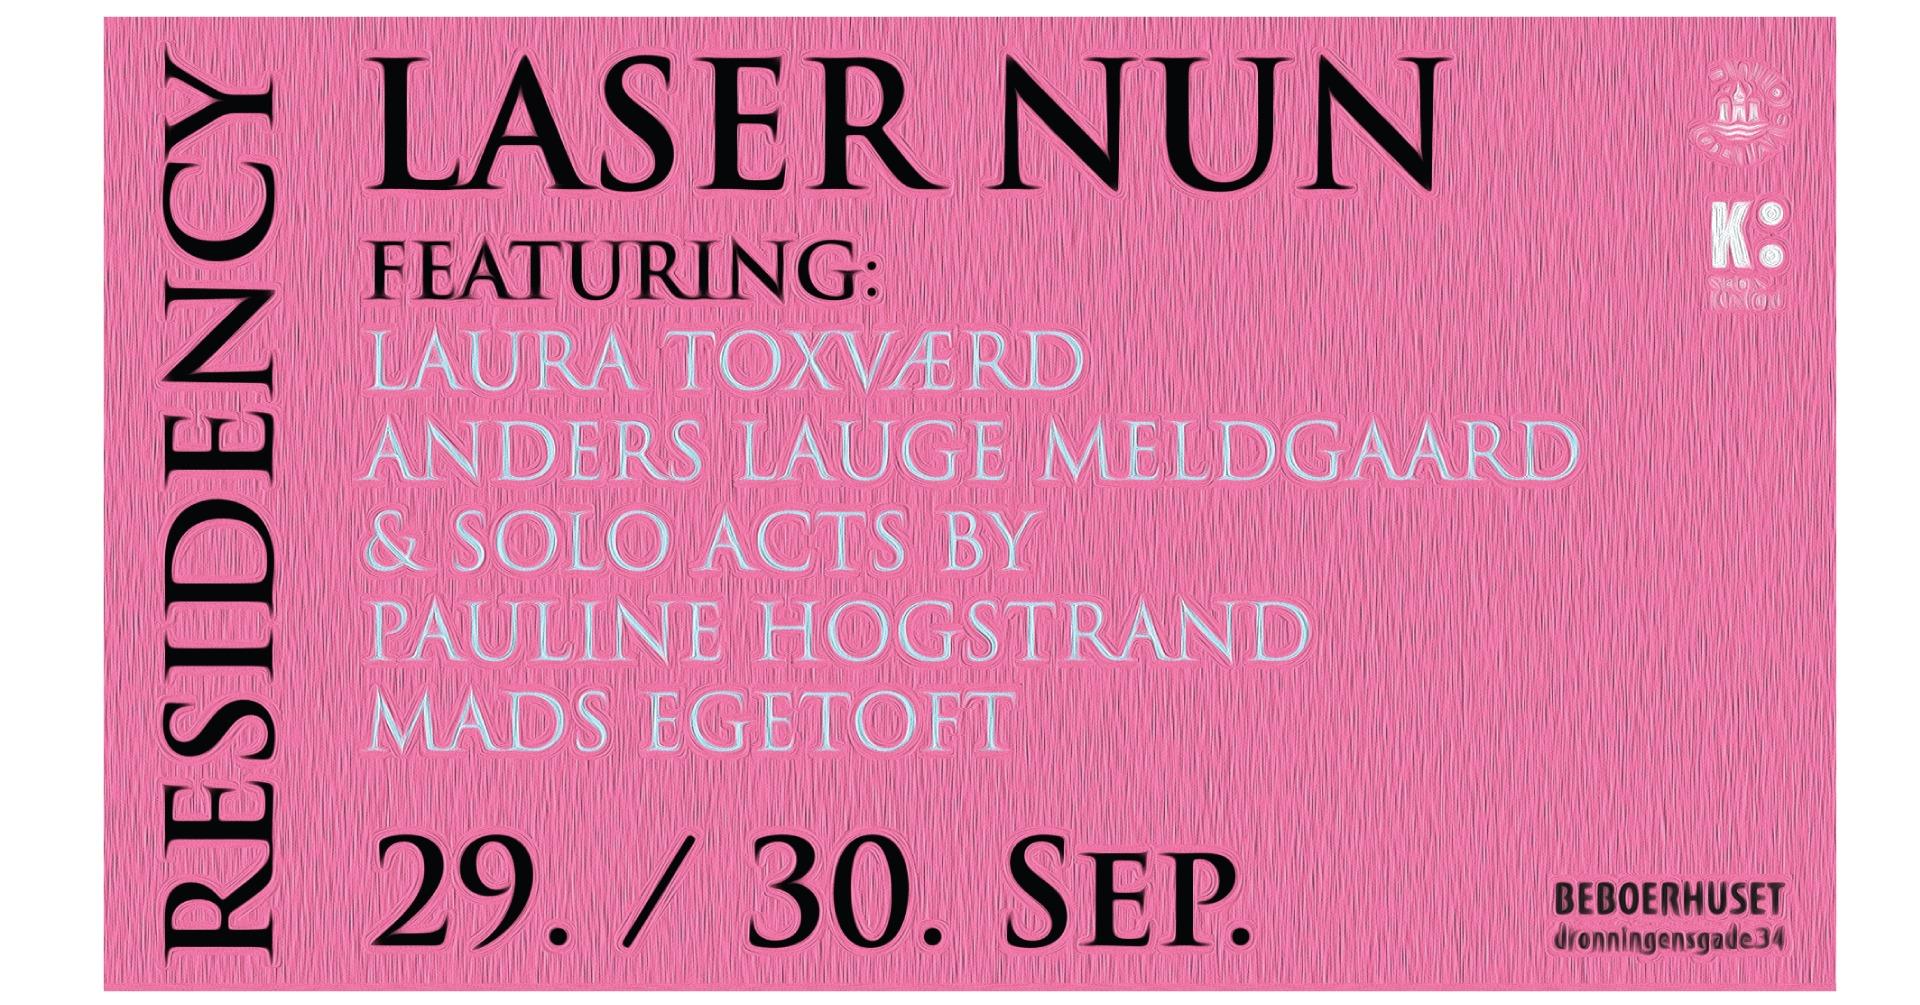 BEBOMusic presents: Laser Nun / Laura Toxværd/ Anders Lauge Meldgaard/ Pauline Hogstrand/Mads Egetoft